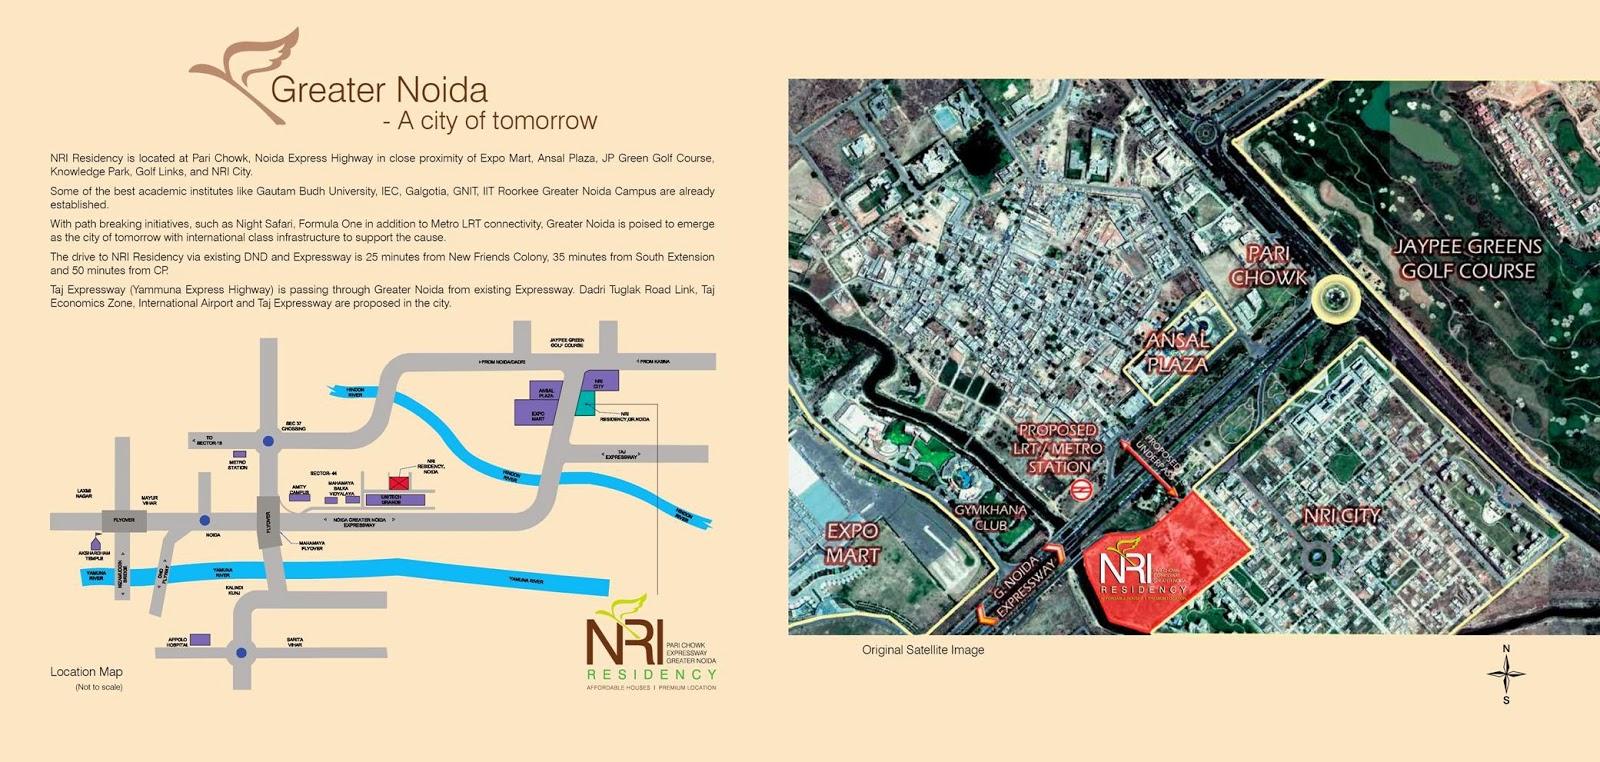 Nri Residency Pari Chowk Omega Ii Greater Noida Call 91